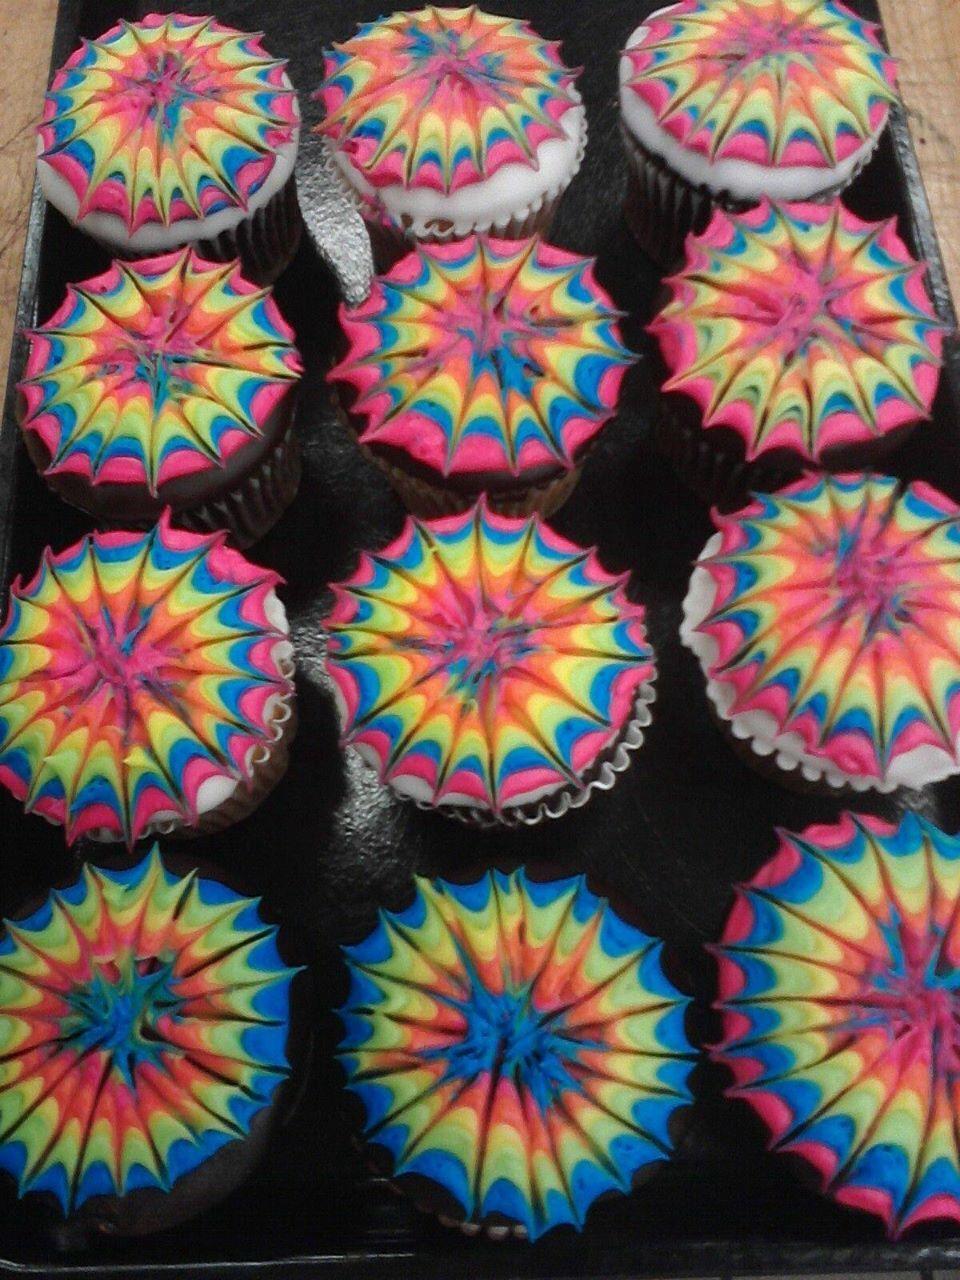 aa2ea93a16da42 Tie dye cupcakes